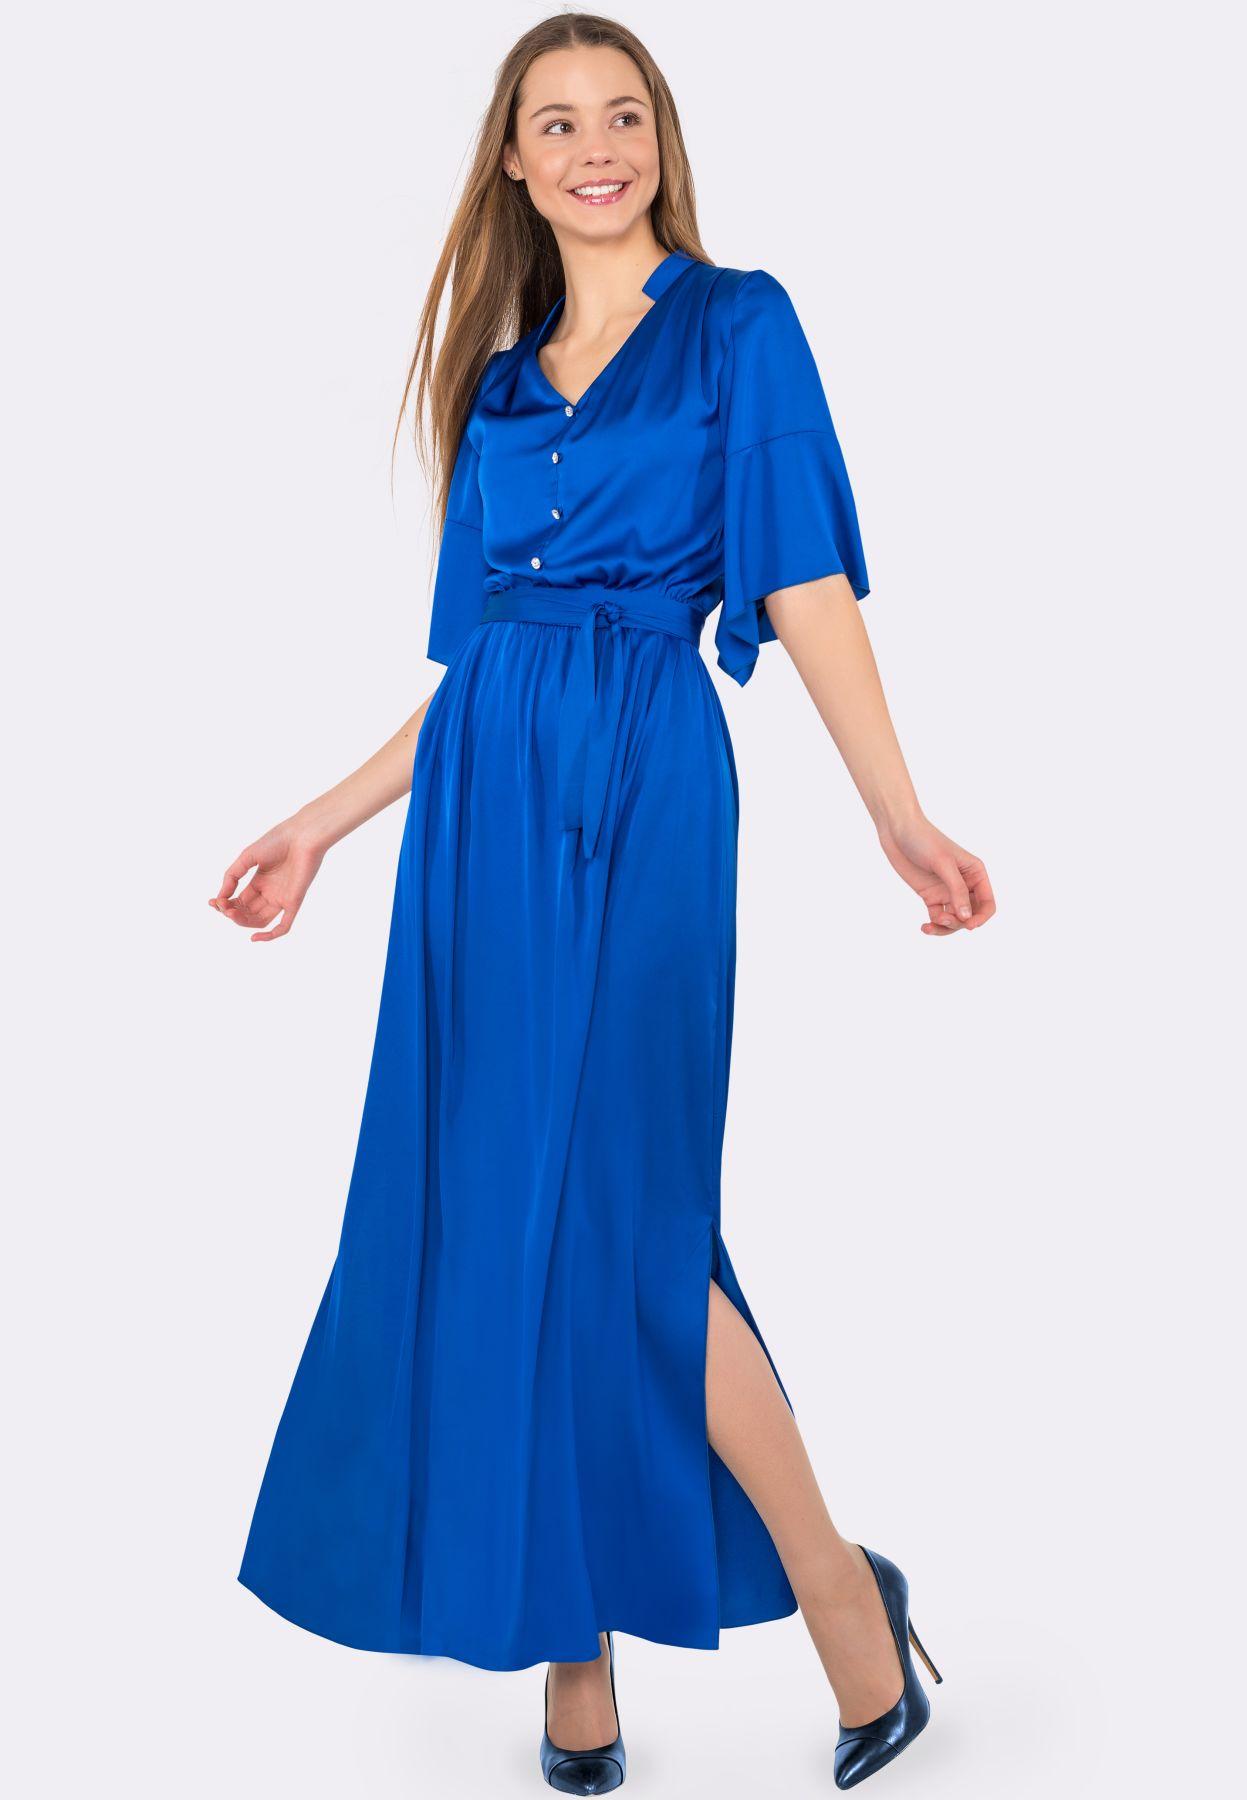 fe9759f3a7589e5 Купить коктейльное платье: трендовые коктейльные платья 2019 - CAT ...